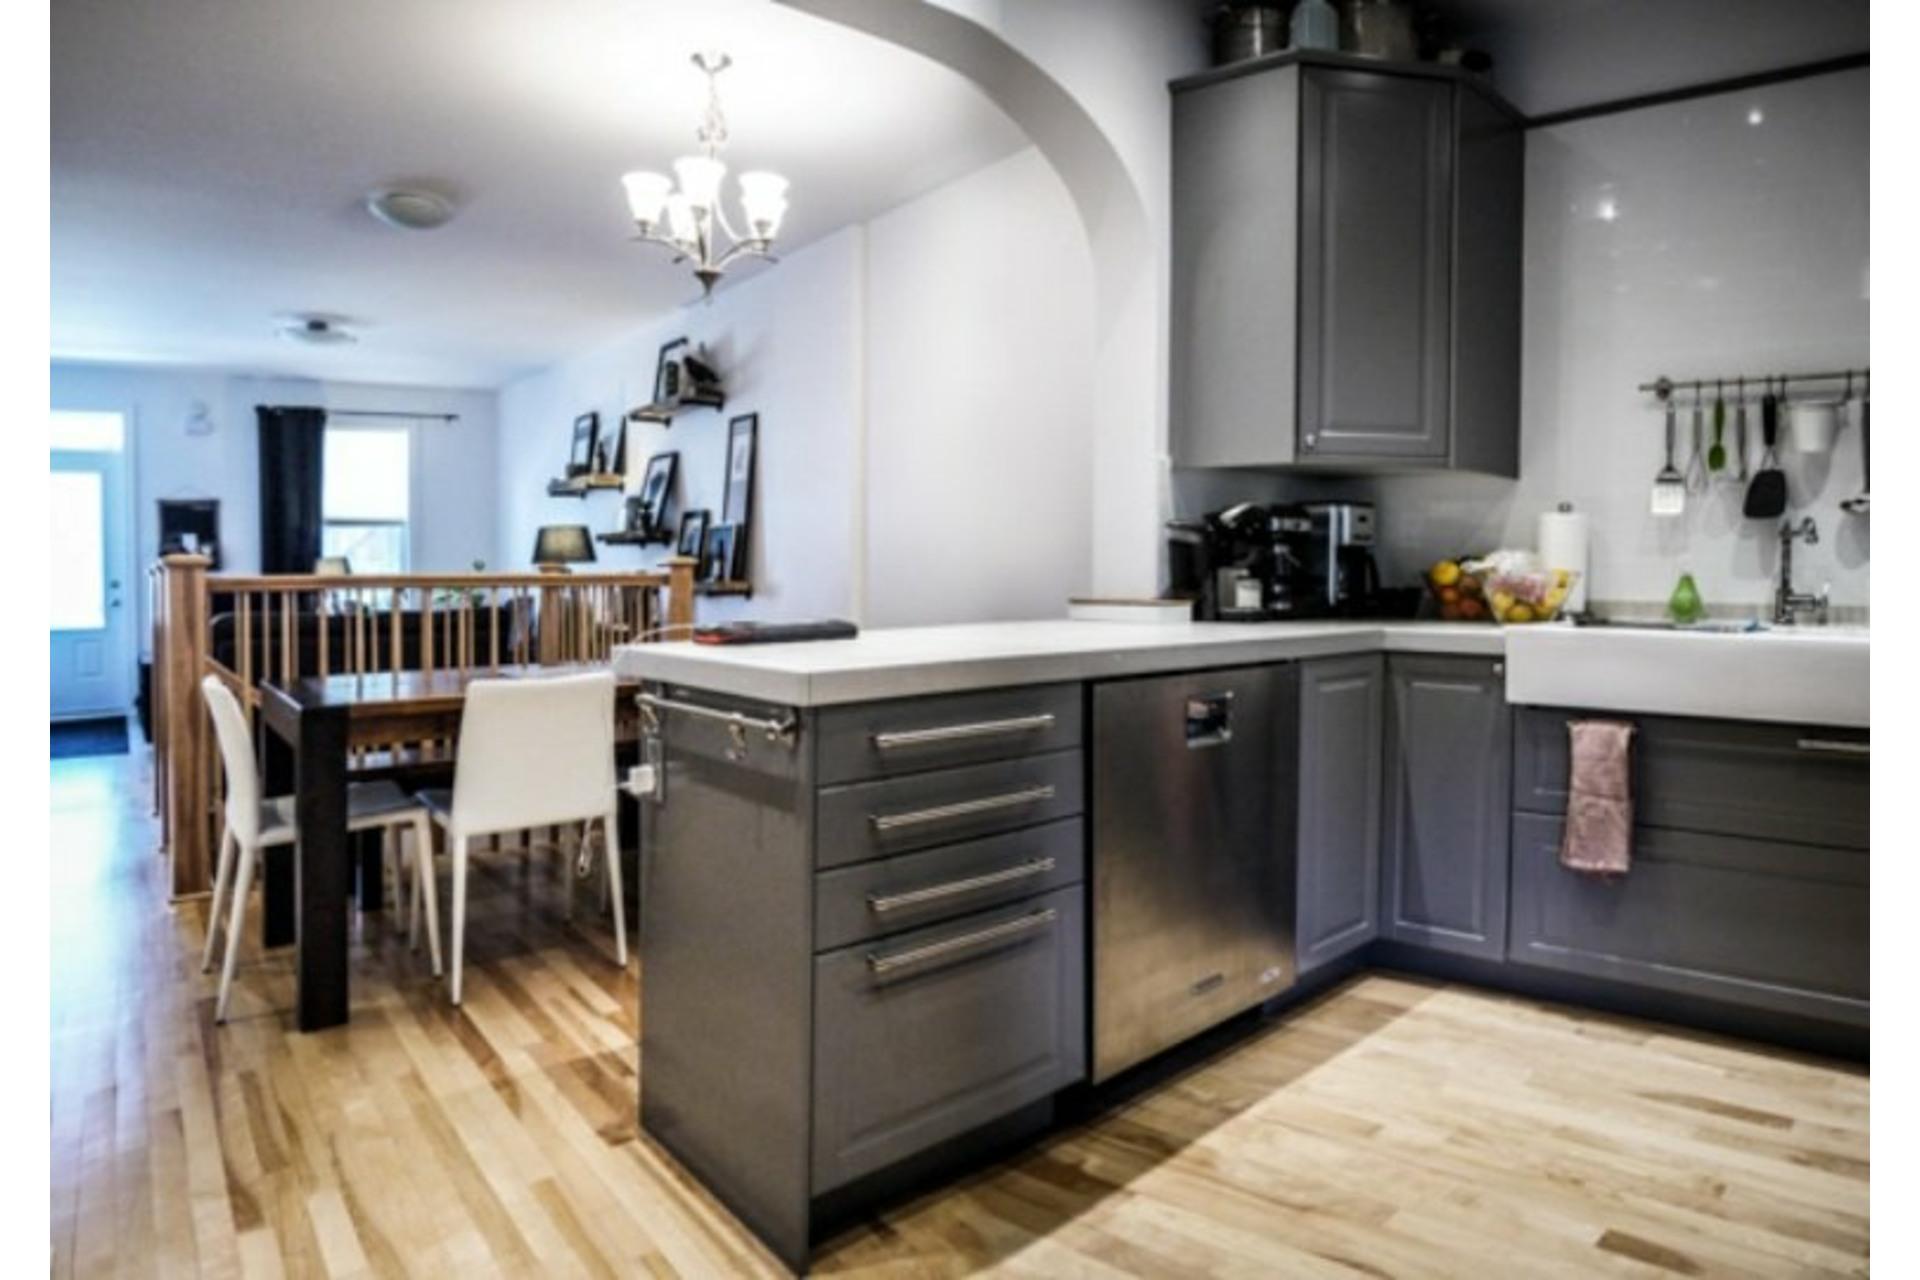 image 7 - Appartement À louer Côte-des-Neiges/Notre-Dame-de-Grâce Montréal  - 7 pièces